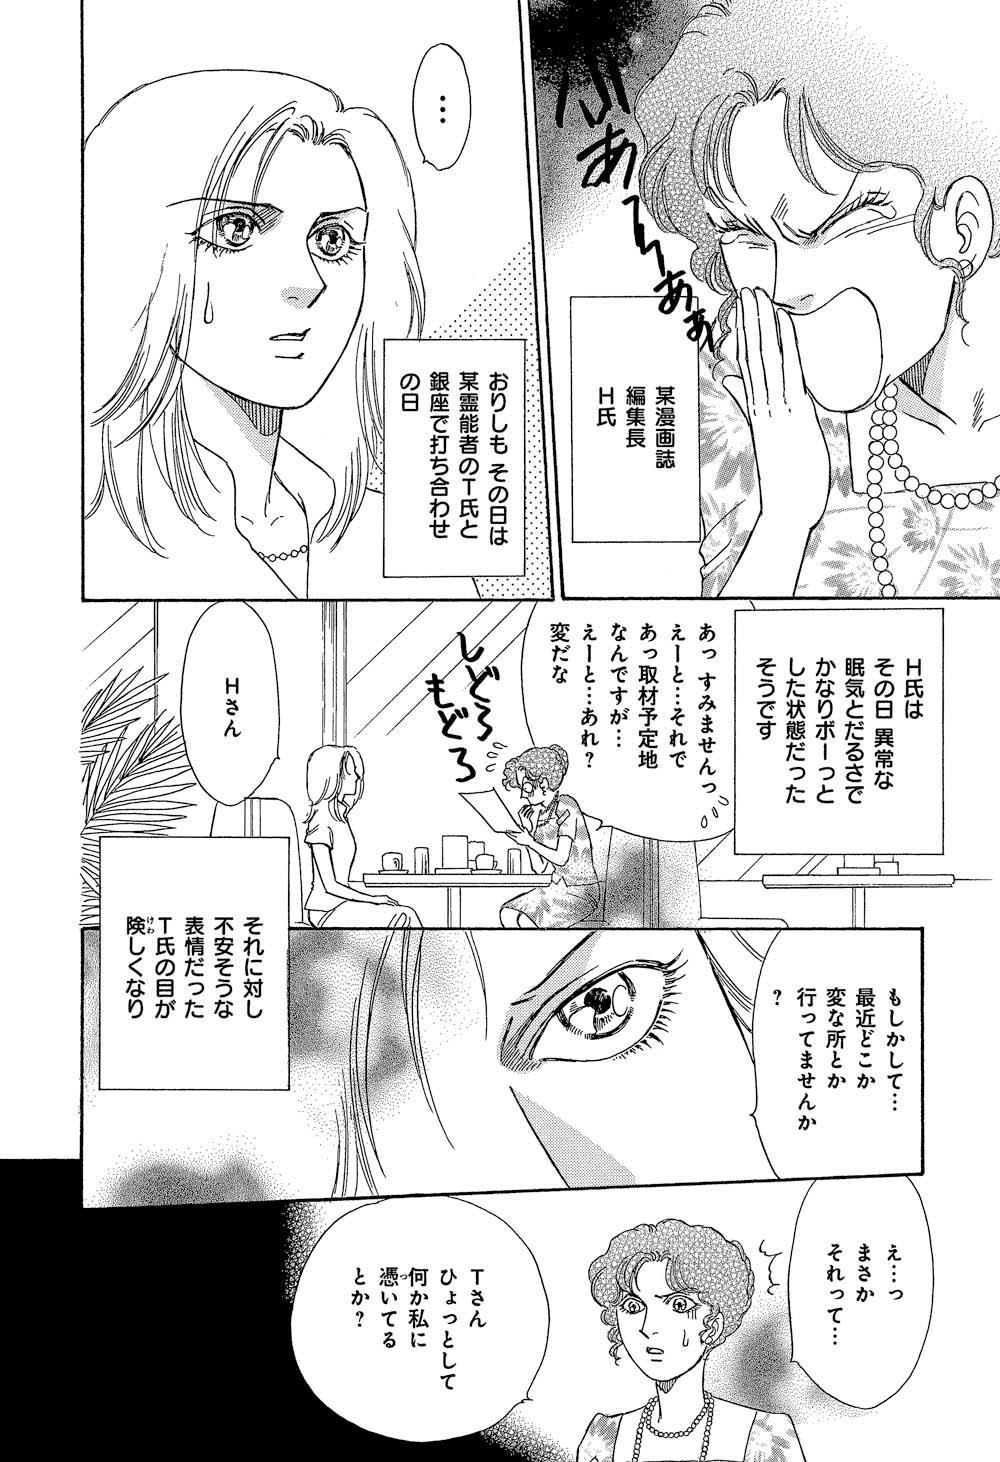 オカルト万華鏡01_097.jpg